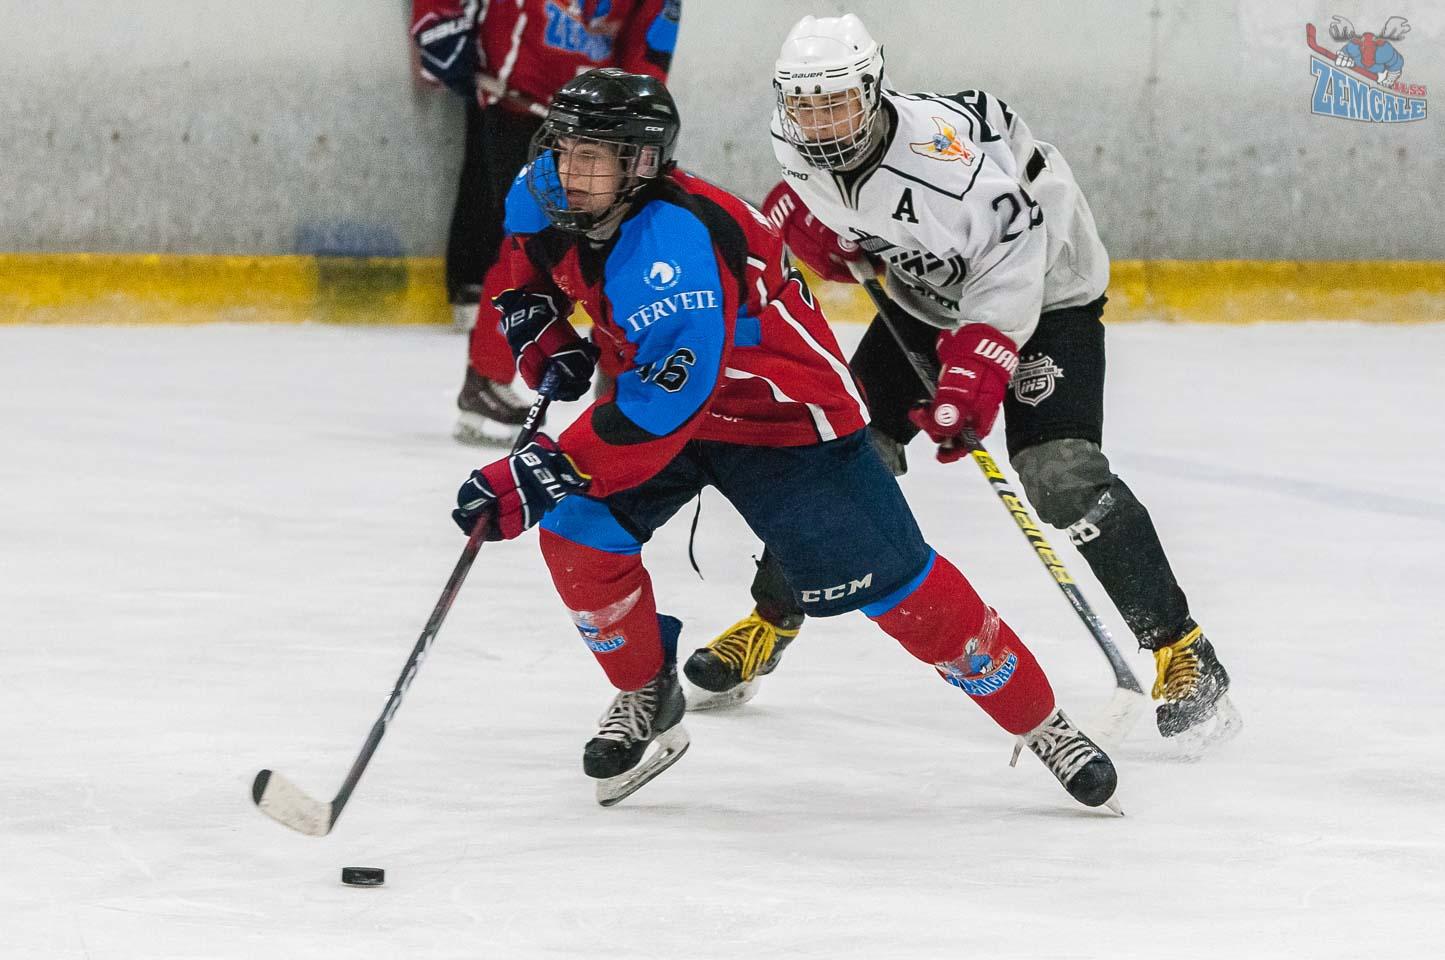 Hokejists ar ripu cenšas aizskriet no sava pretinieka